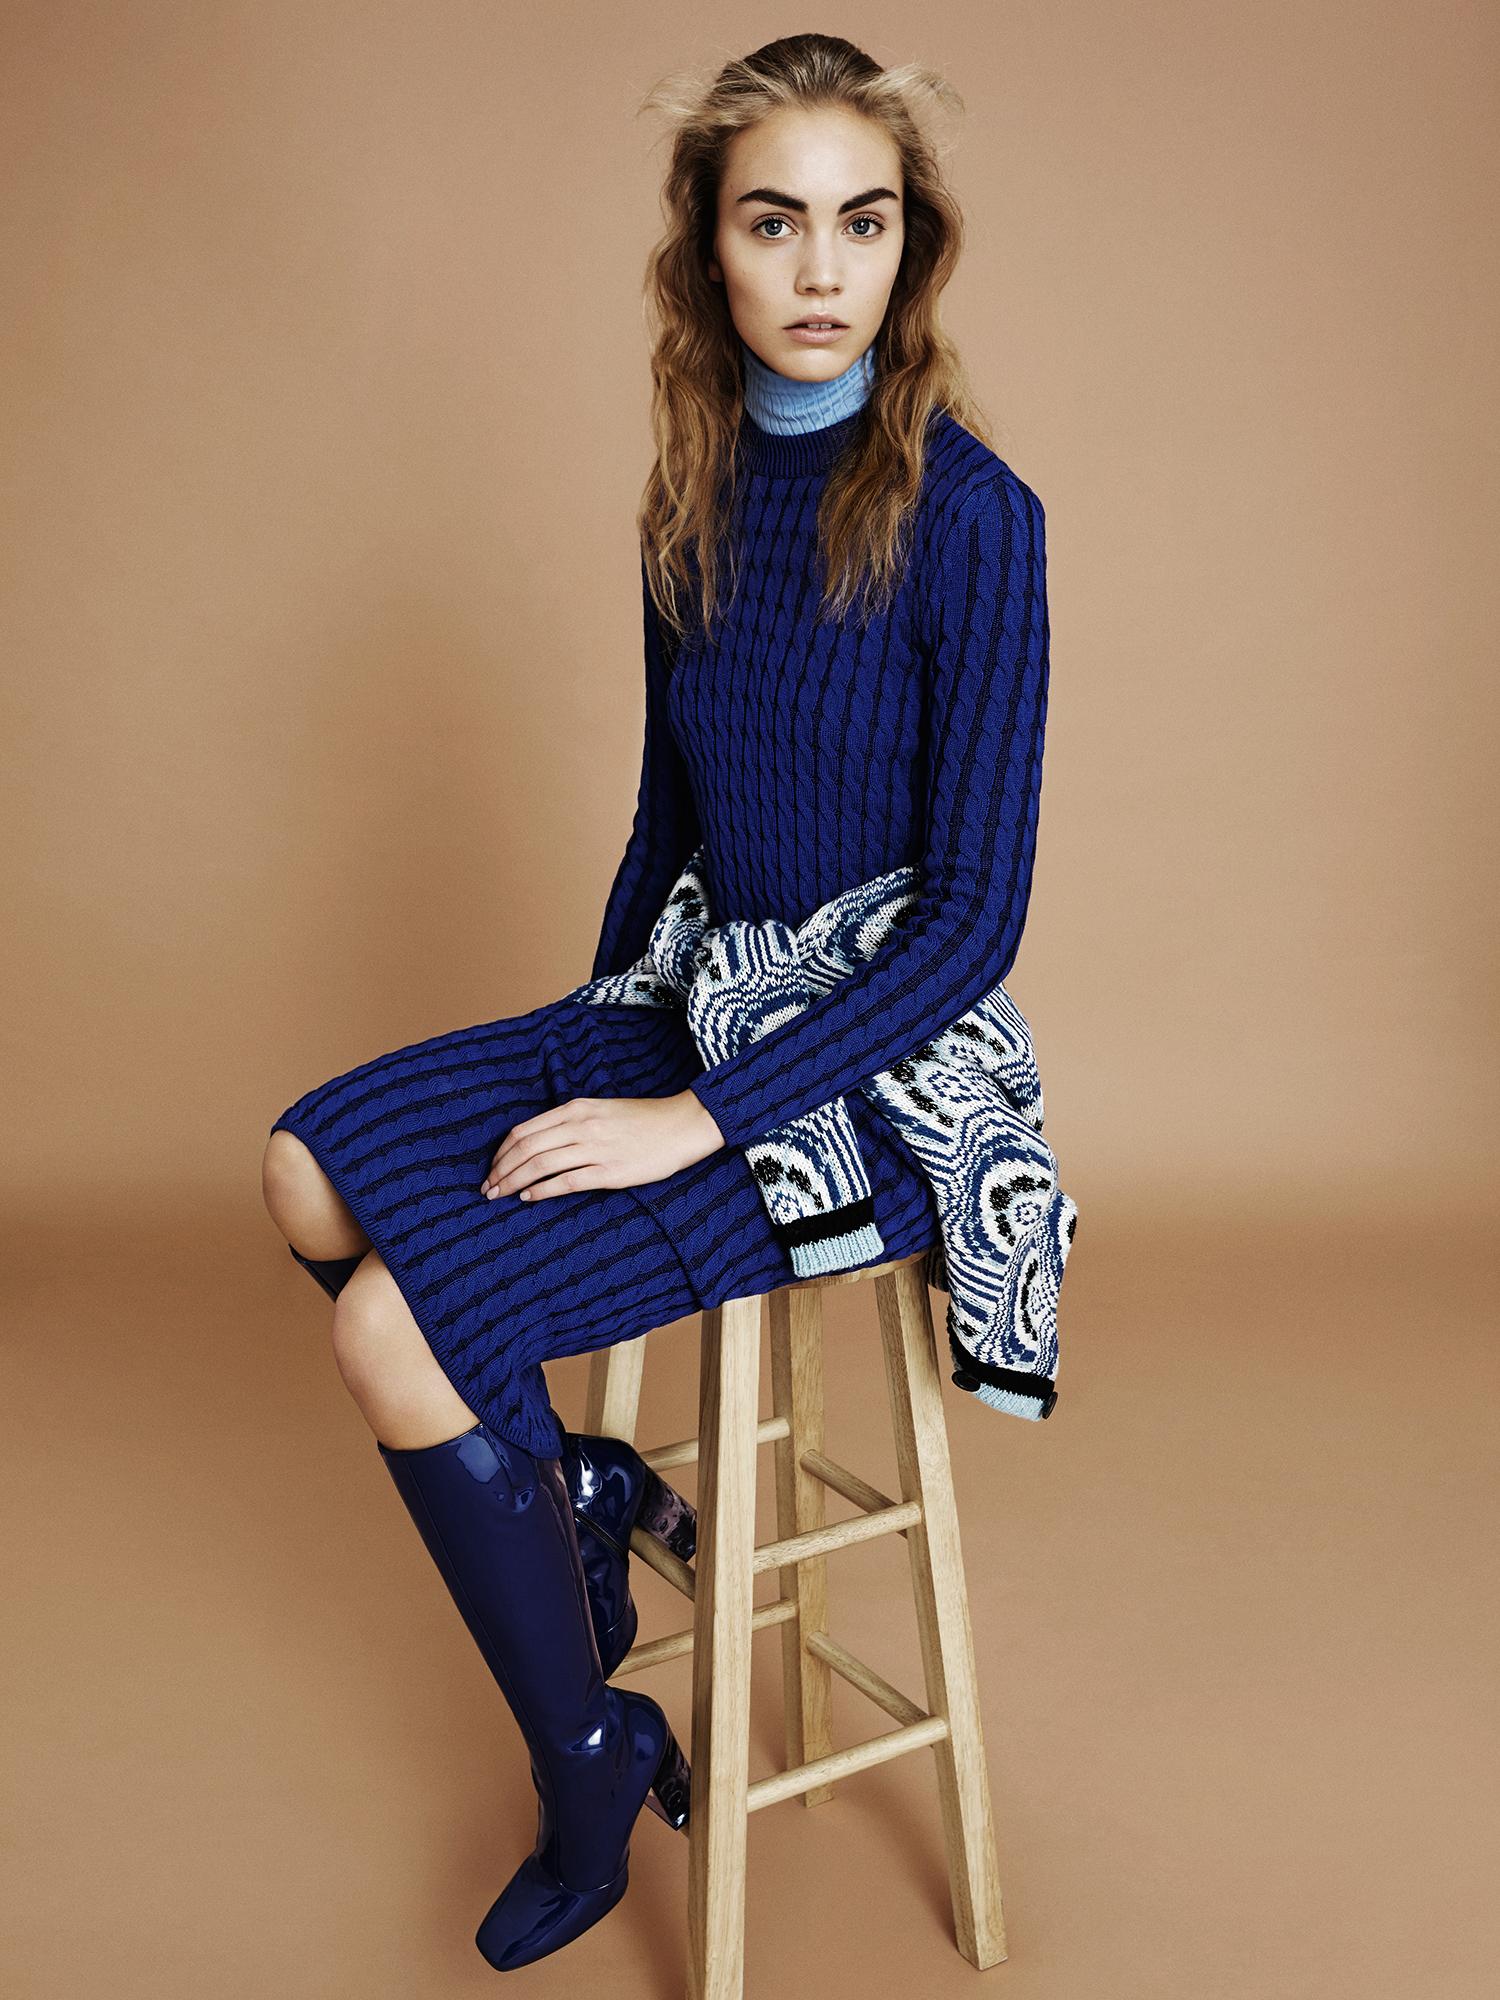 blair-bohuny-fall-fashion-4.jpg